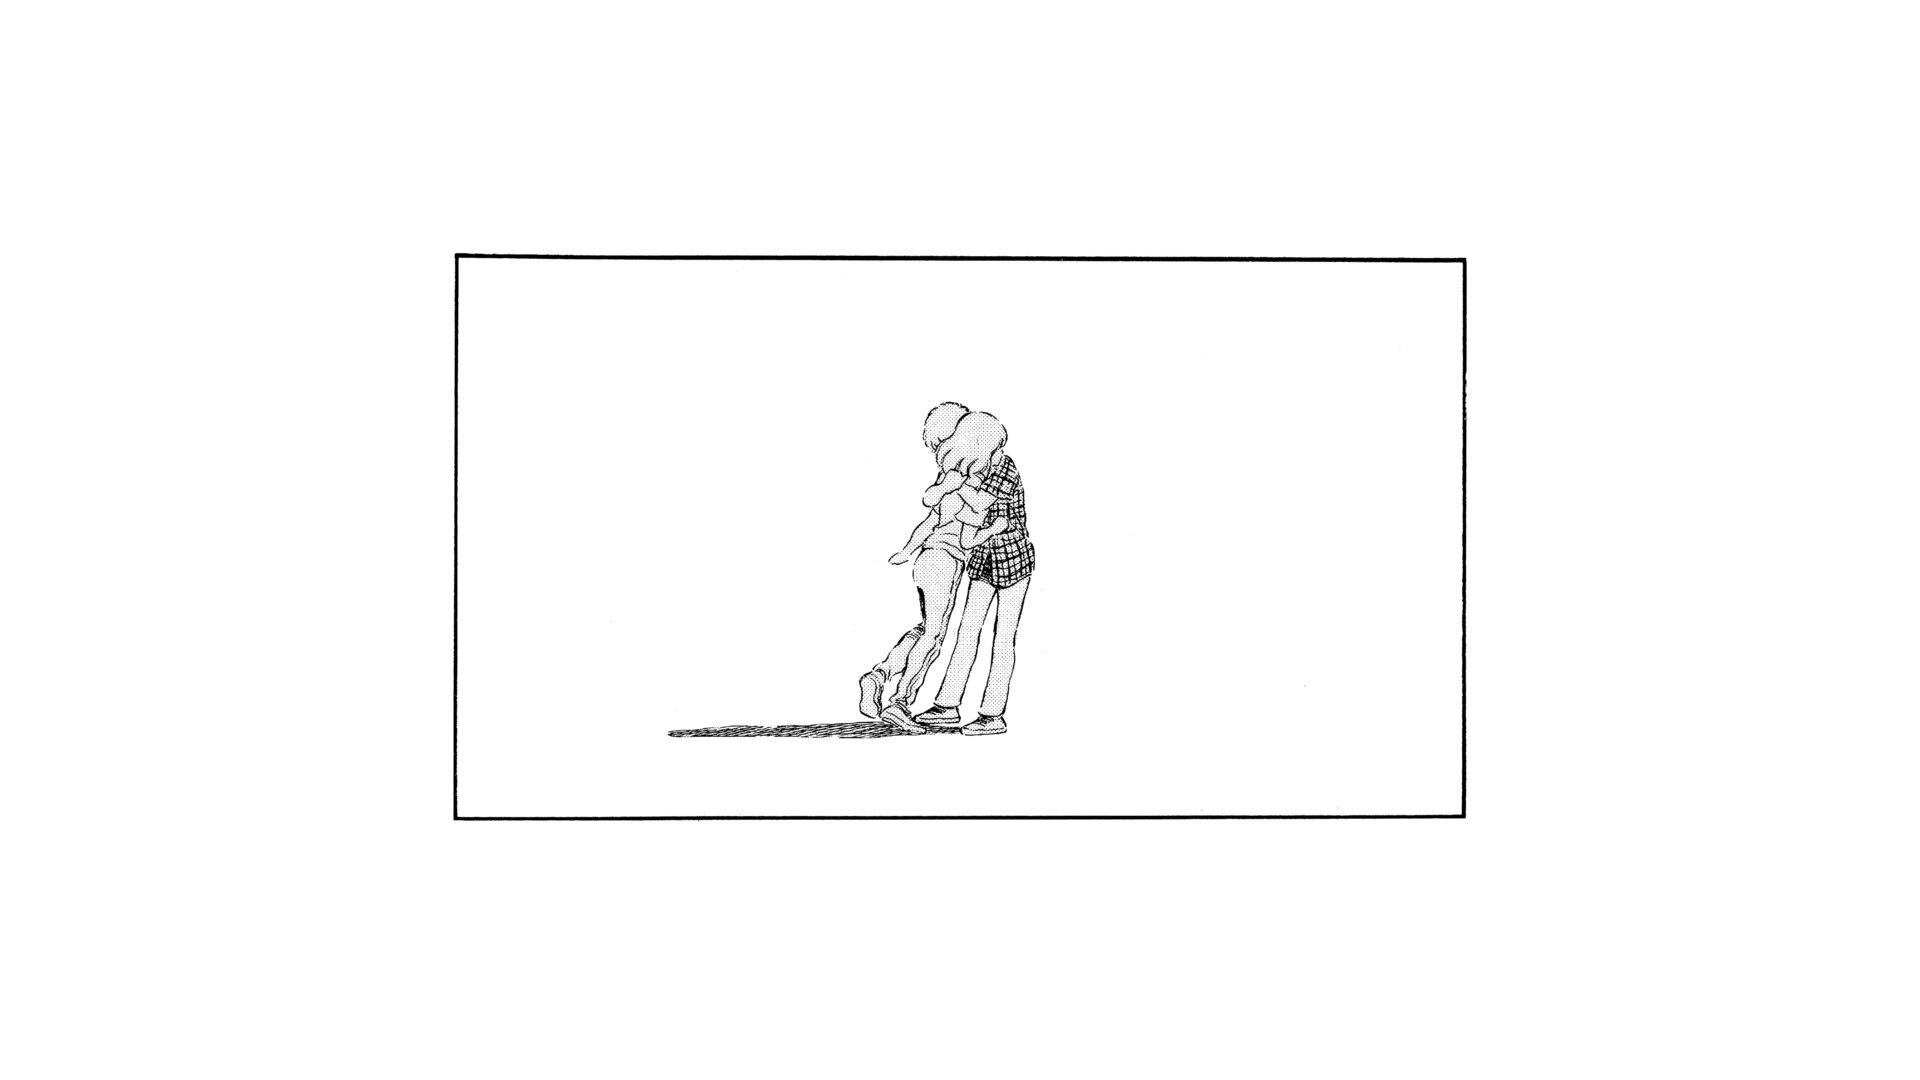 1_rope_full_191018.00_02_25_14.静止画021.jpg